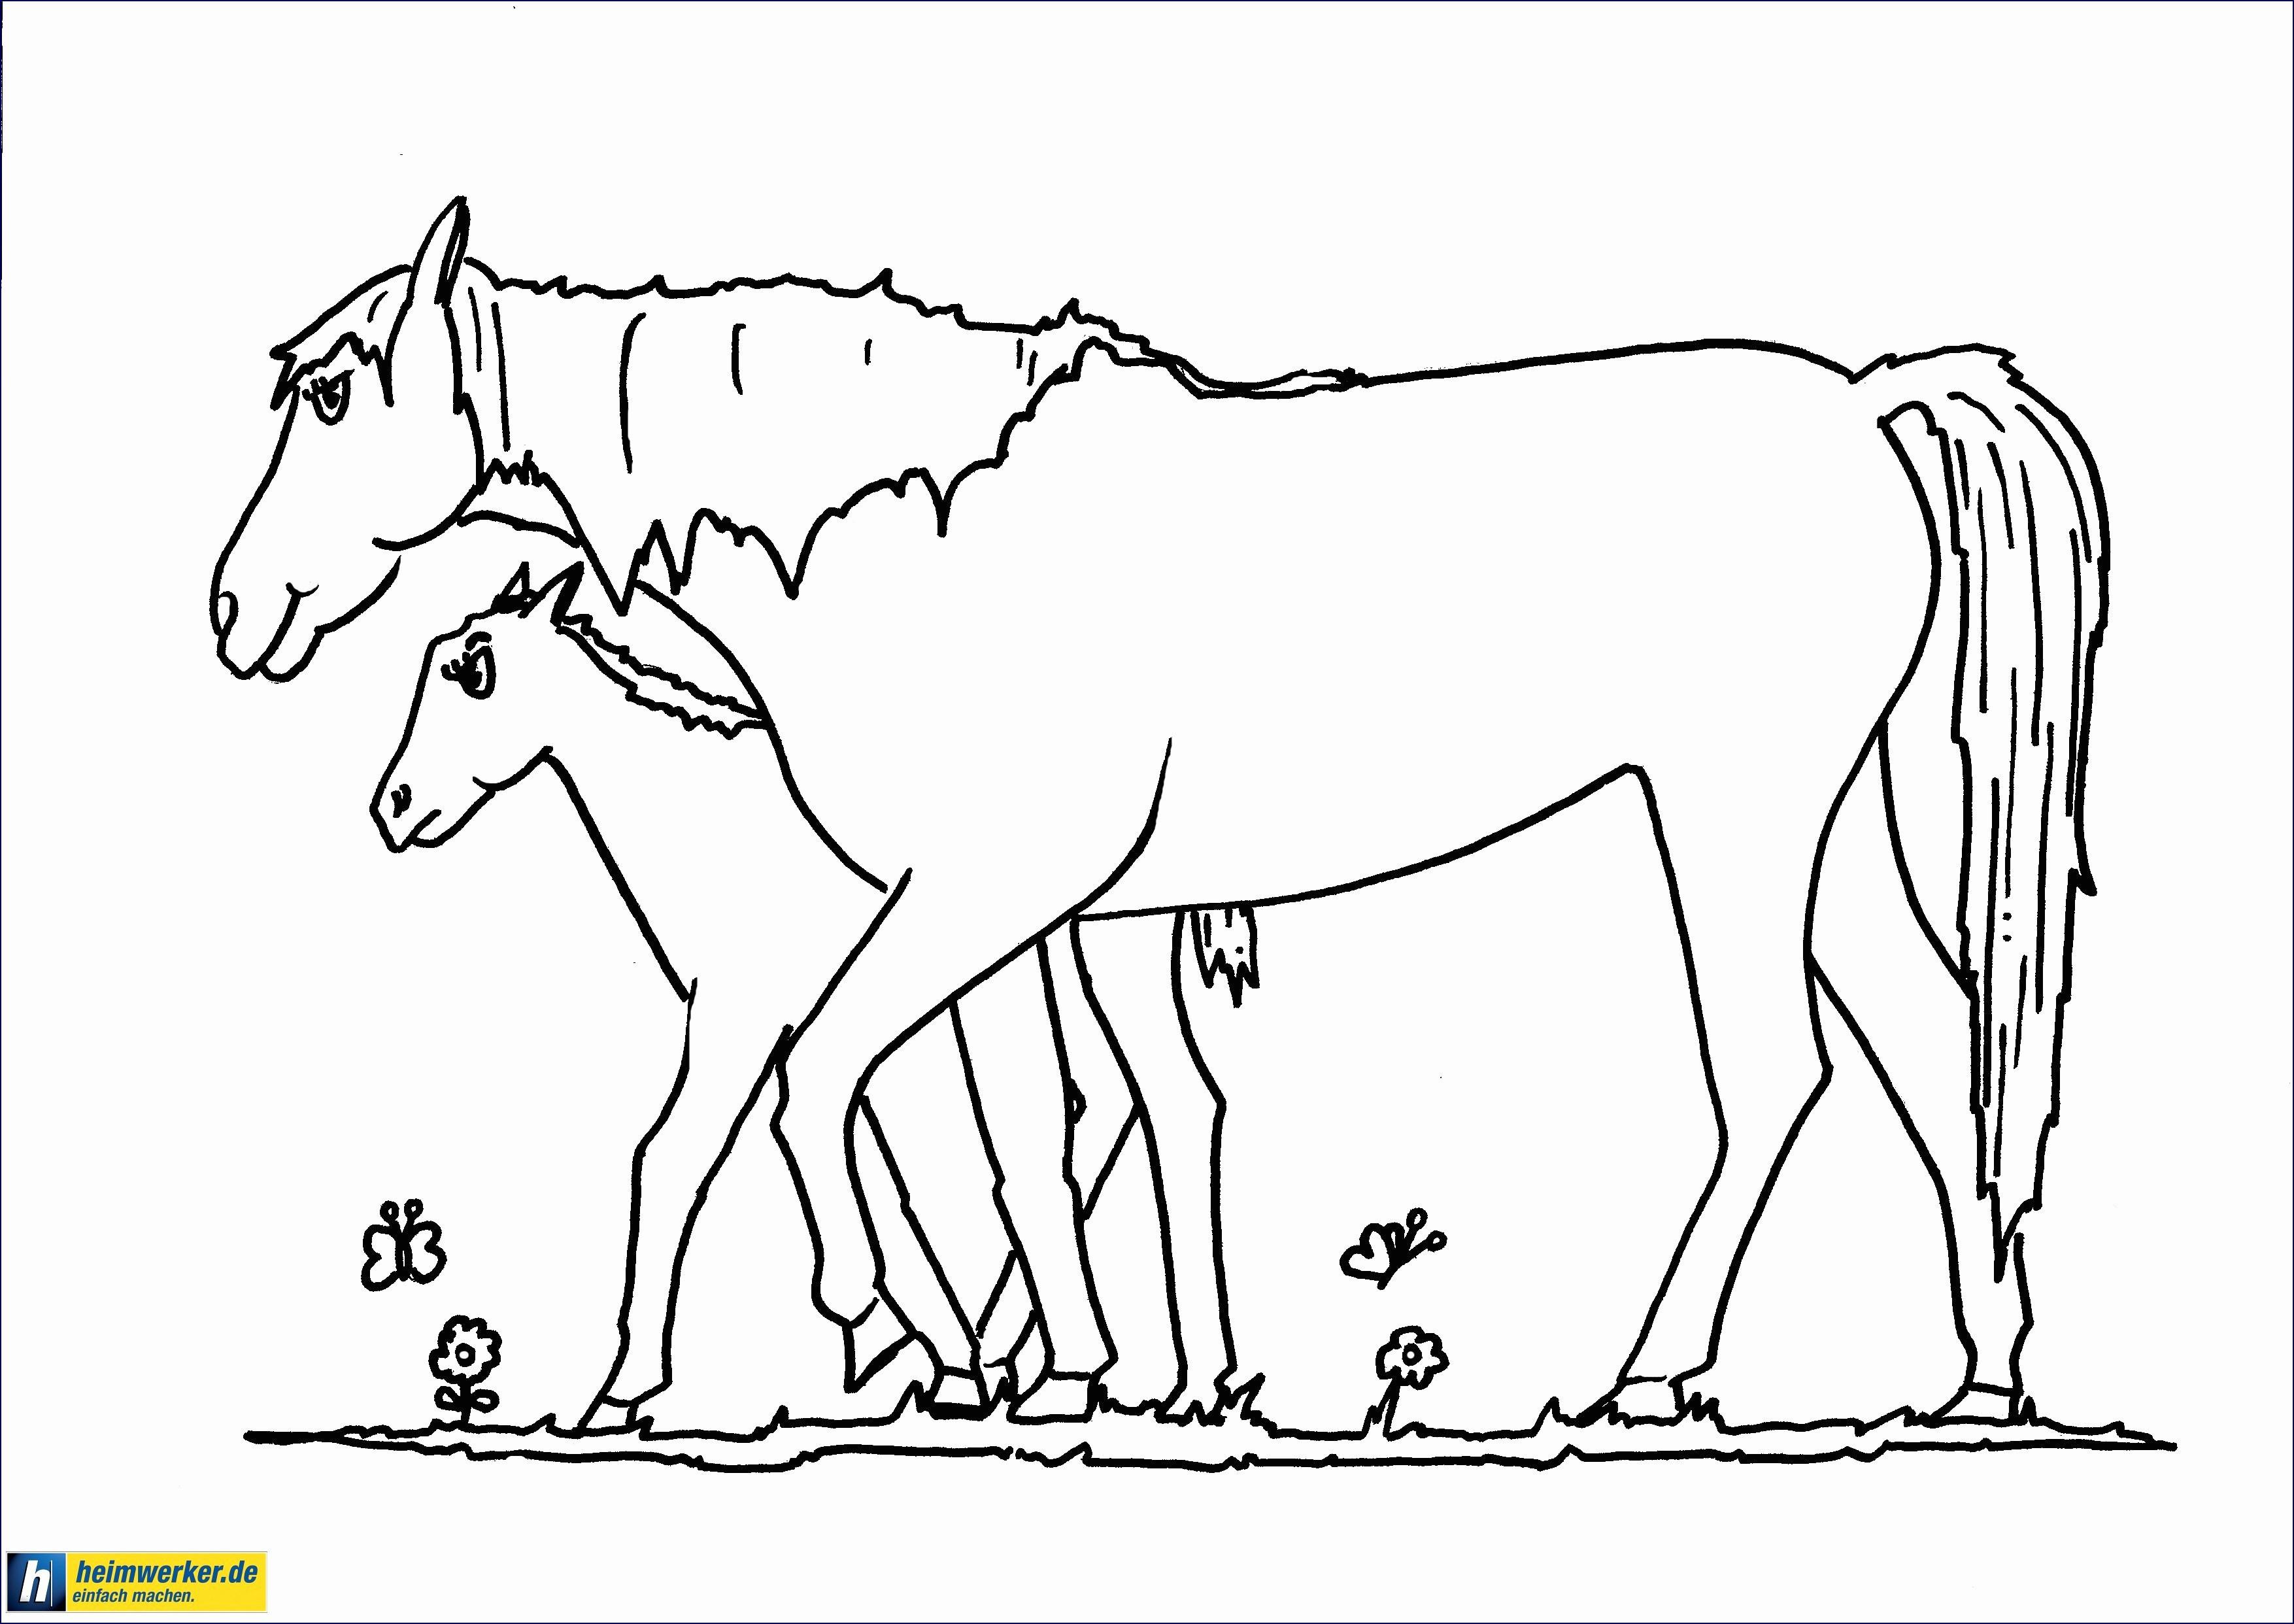 Bibi Und Tina Bilder Zum Drucken Inspirierend Ausmalbilder Bibi Und Tina Pferde Neu Malvorlagen Igel Elegant Igel Bild